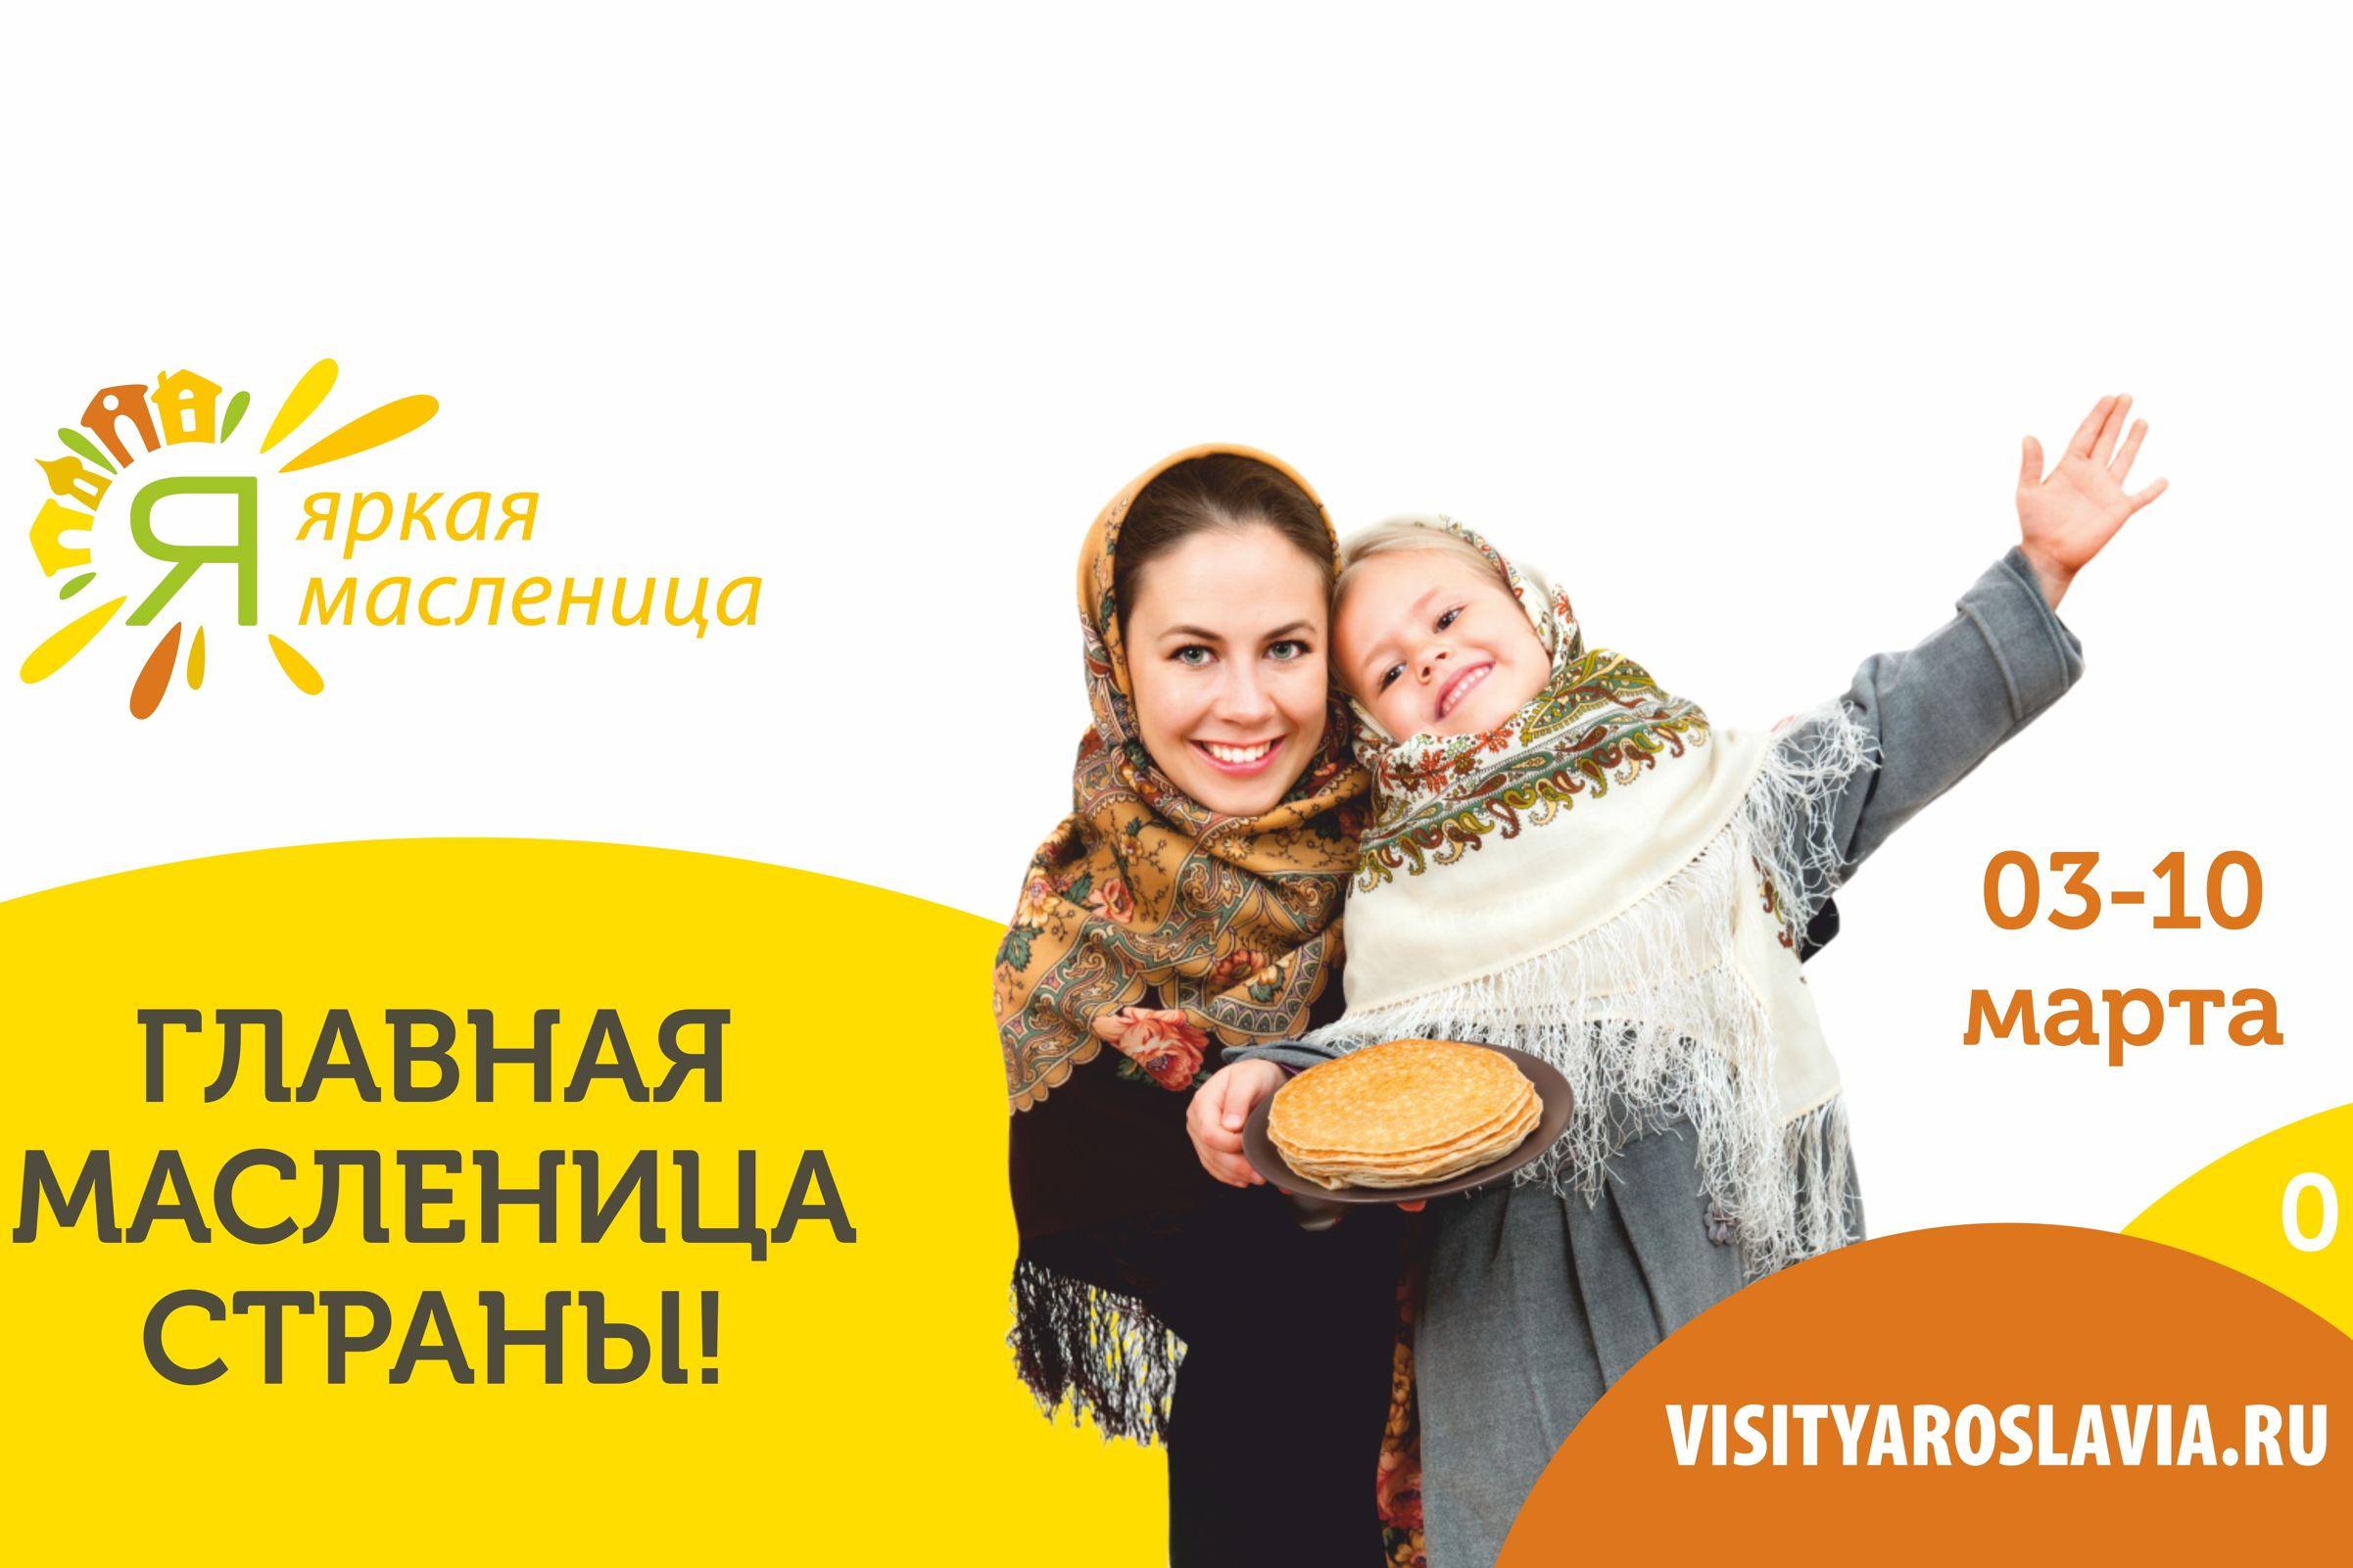 Города и села Ярославской области подготовили масленичные программы